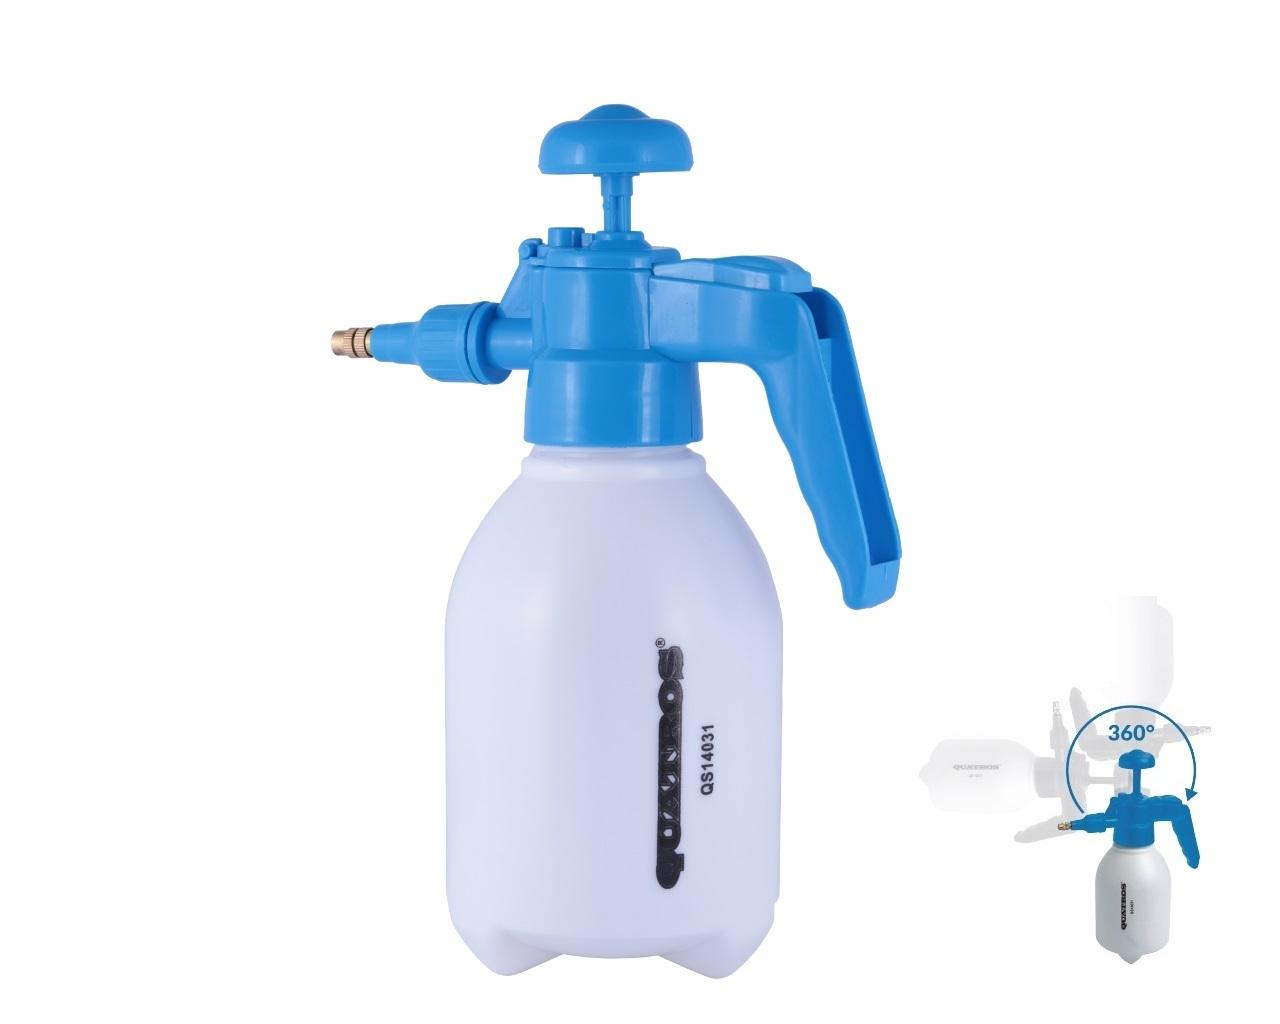 Rozprašovač s tlakovým čerpadlem, 1 litr - QUATROS QS14031